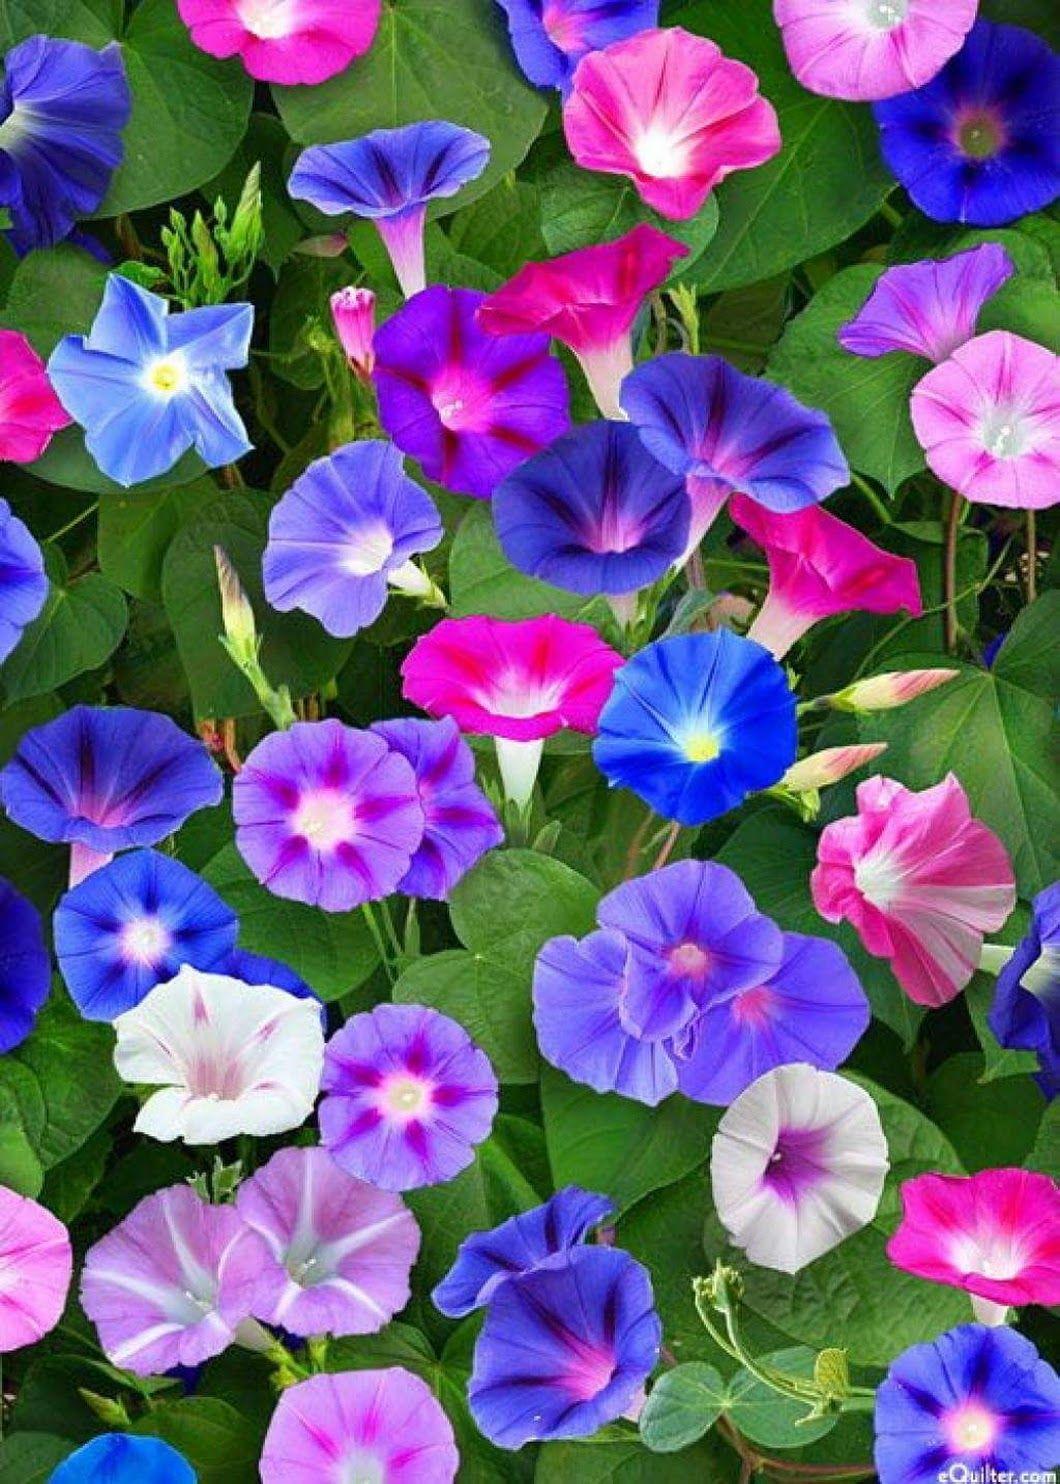 Ảnh đẹp về hoa bìm bịp được mixed màu